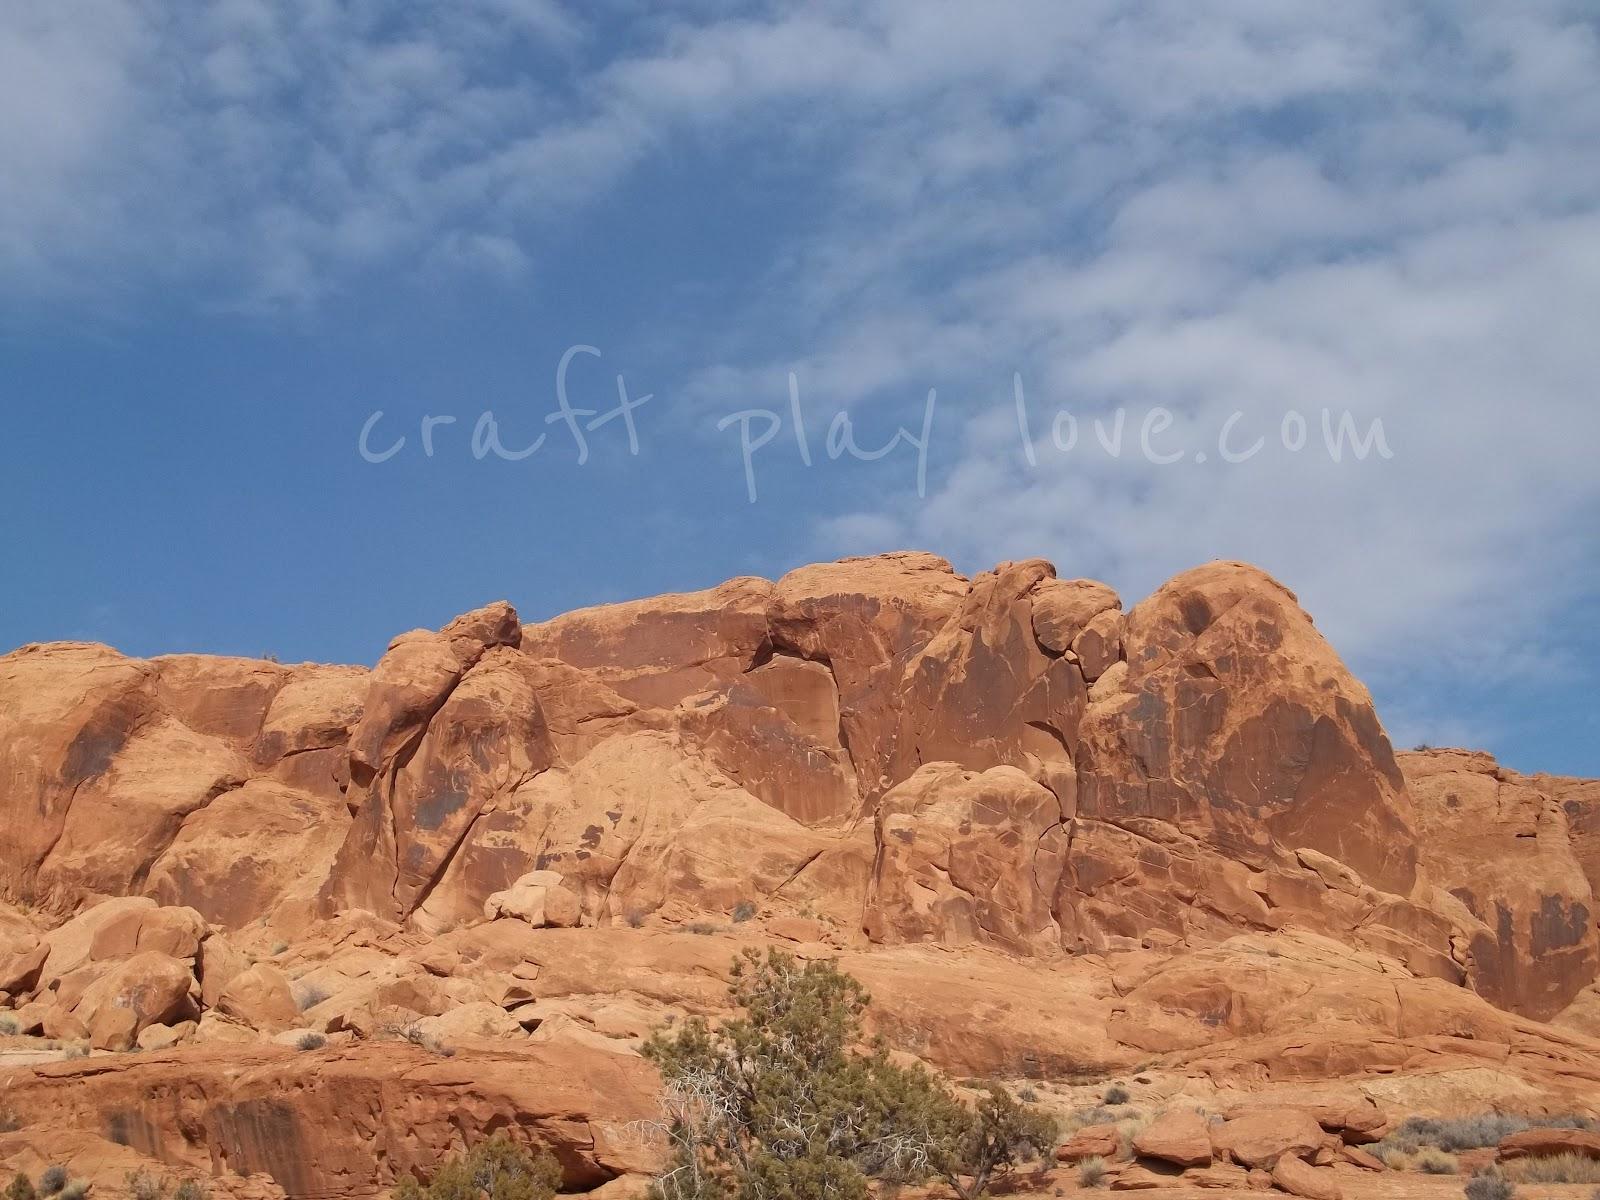 Six Letter Word For Desert